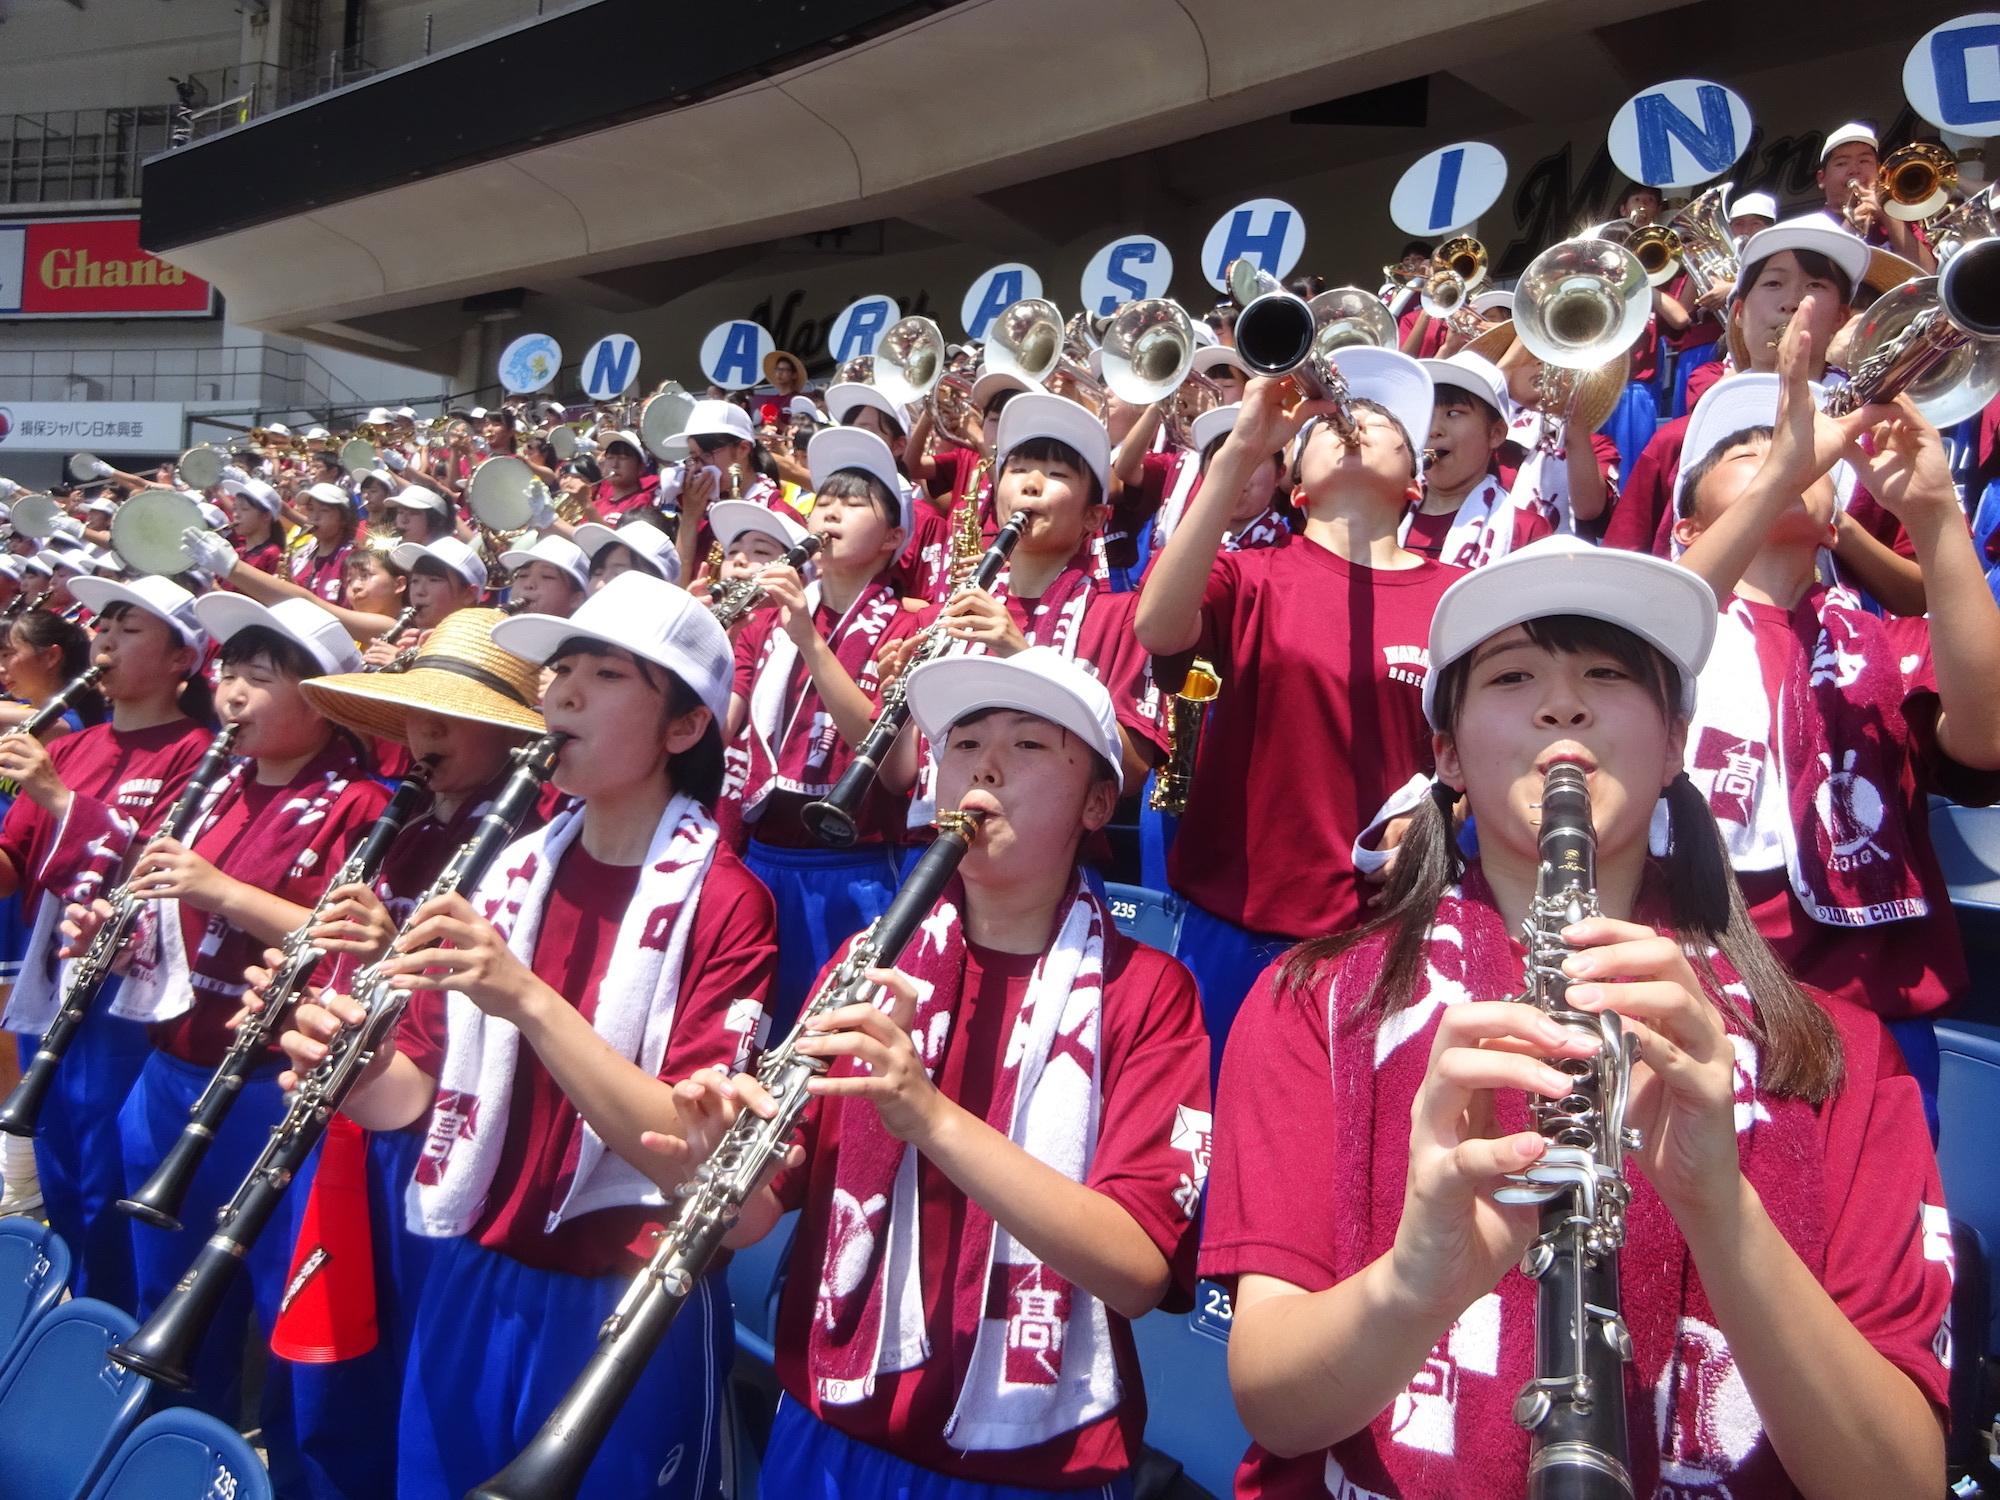 コンクールの常連校でもある習志野高のブラスバンド